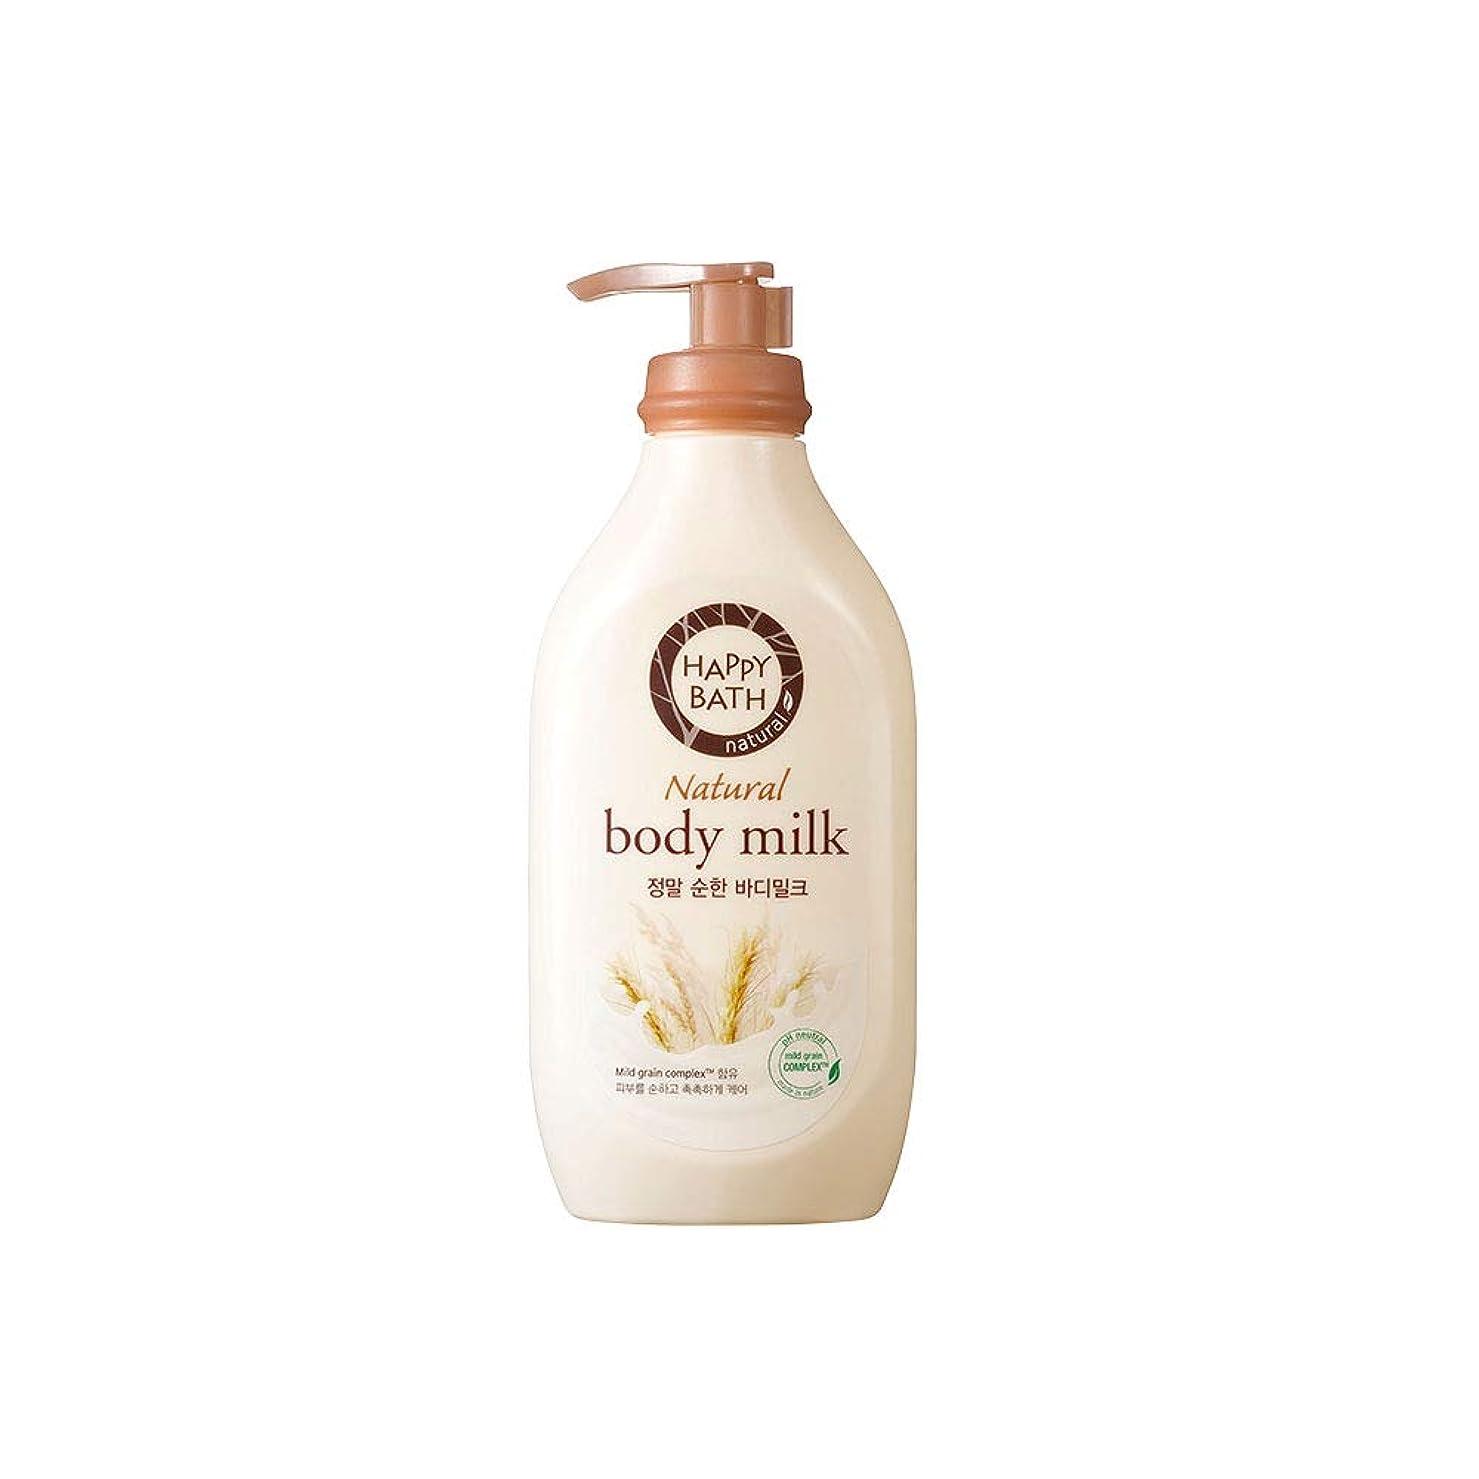 ジェスチャー不正警戒[HAPPY BATH] ハッピーバス ナチュラルボディミルク マイルドタイプ ボディローション 450ml (pure body milk 450ml)